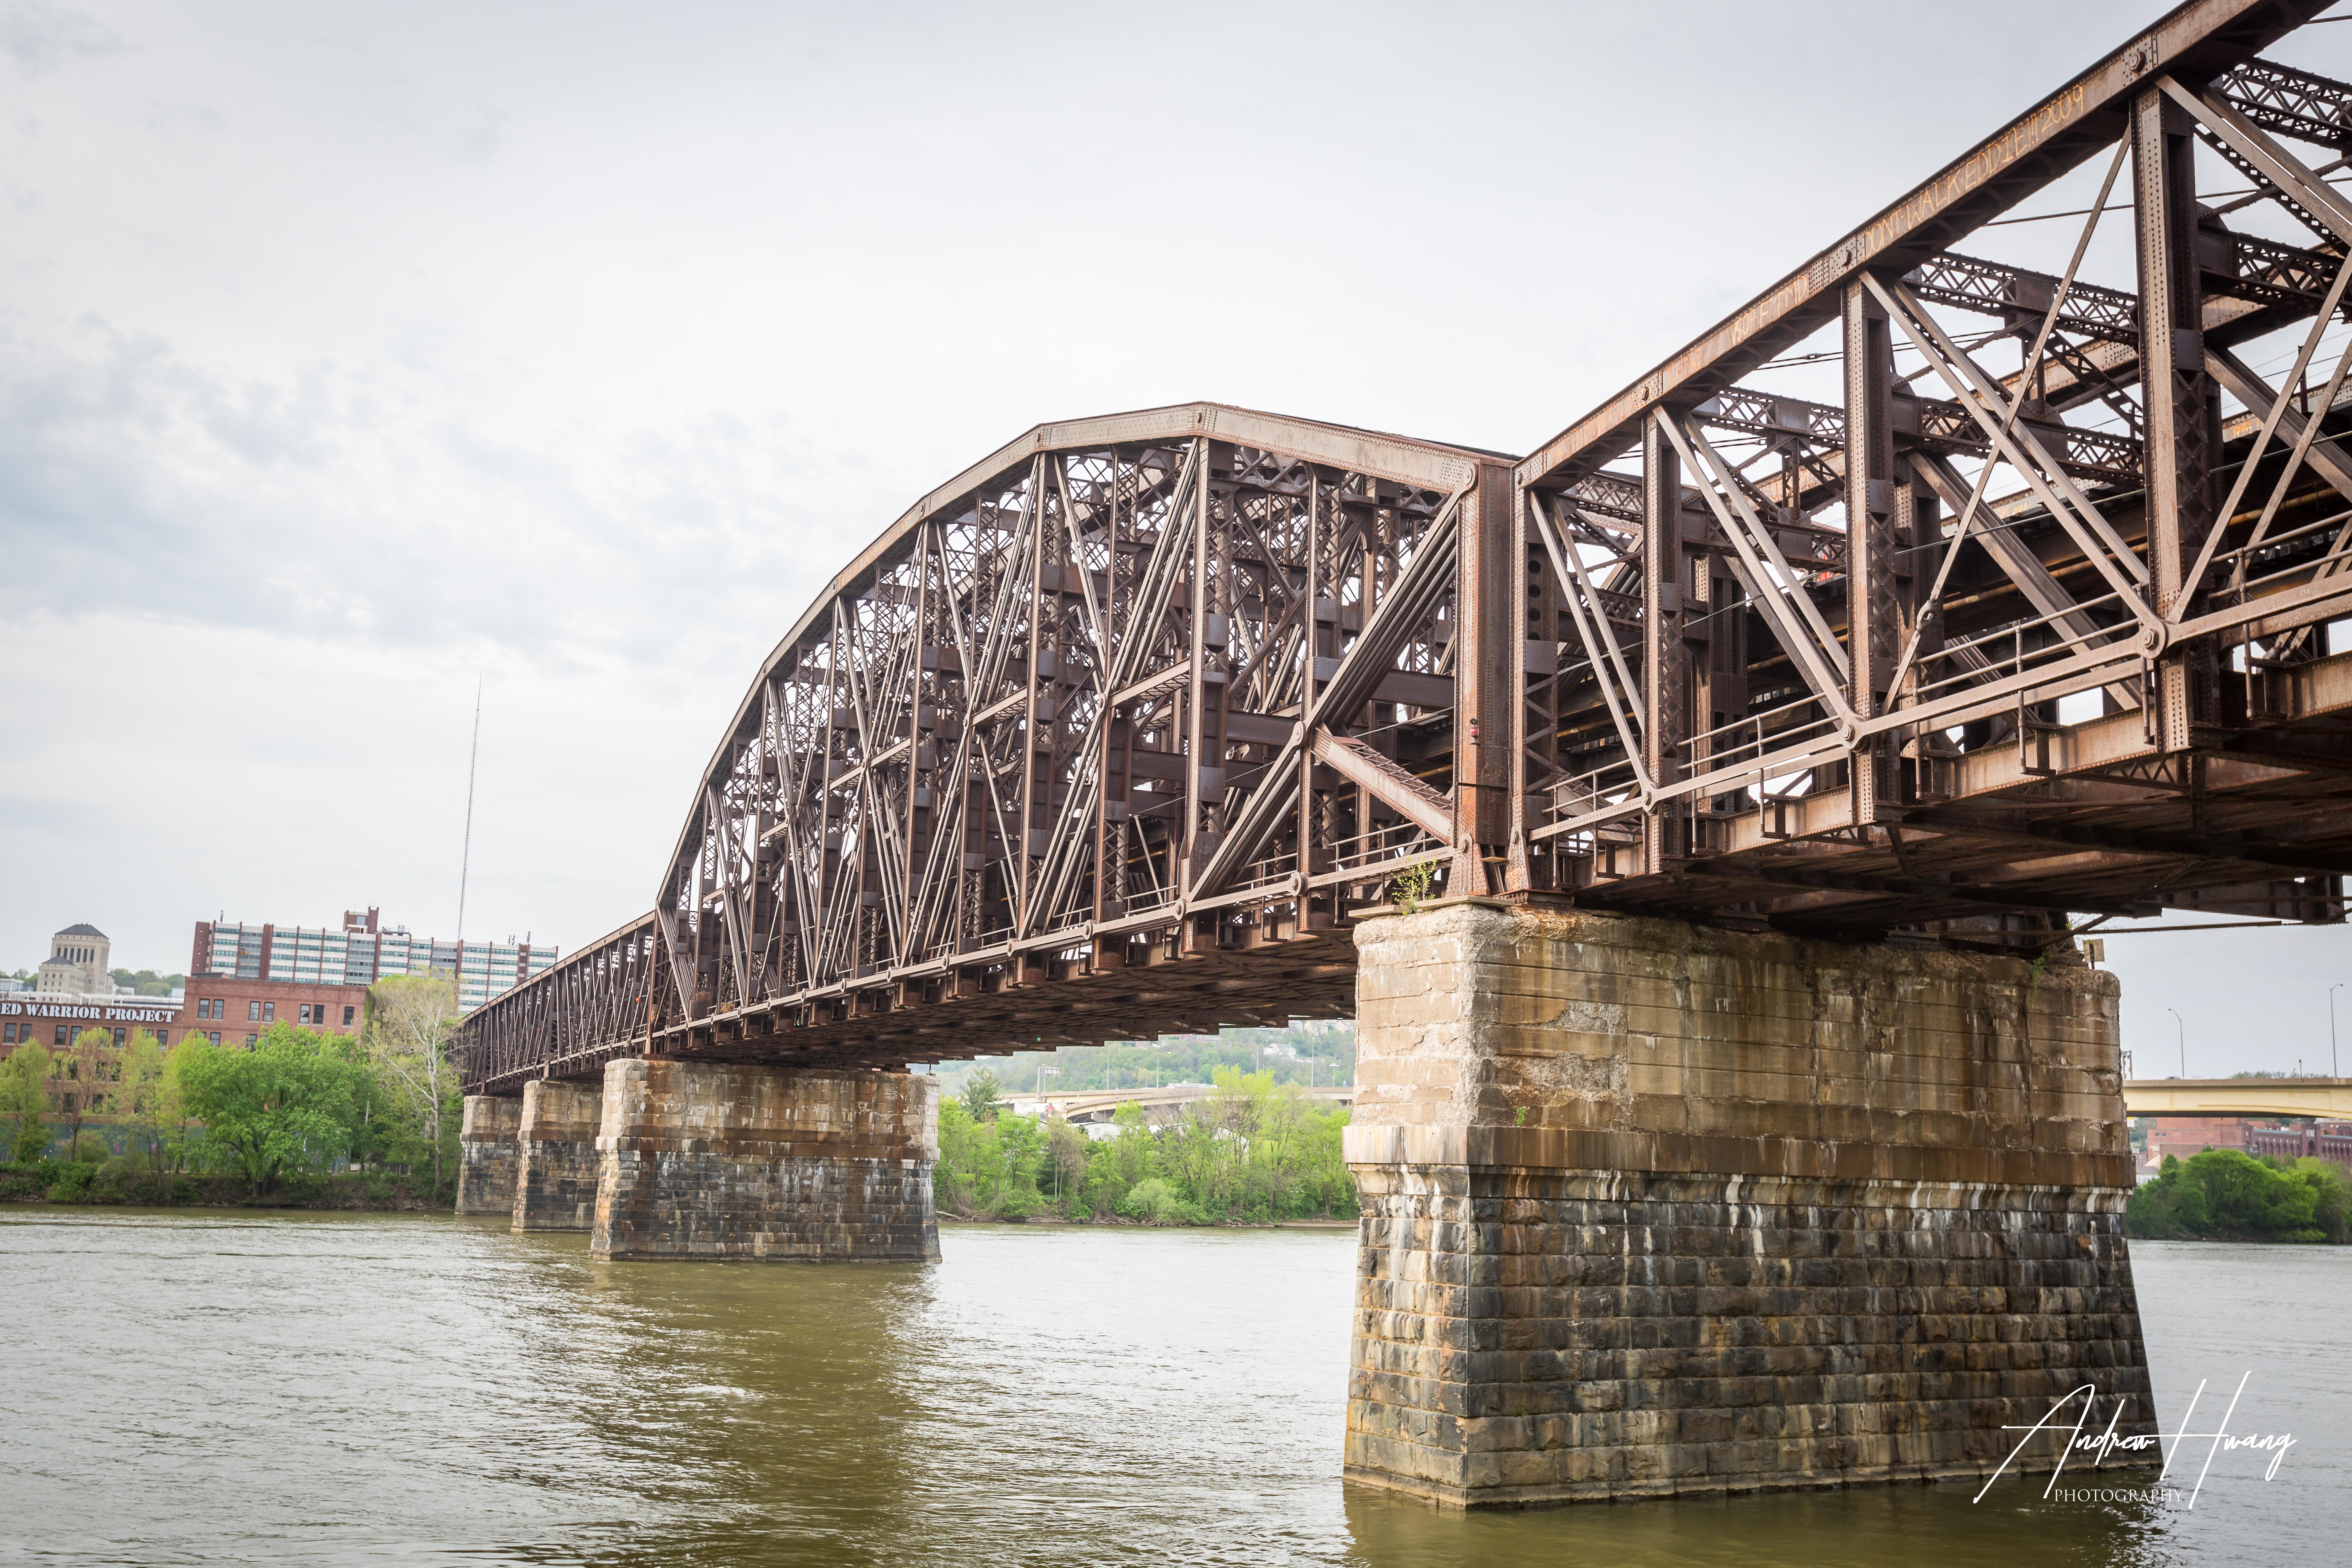 Fort Wayne Railroad Bridge